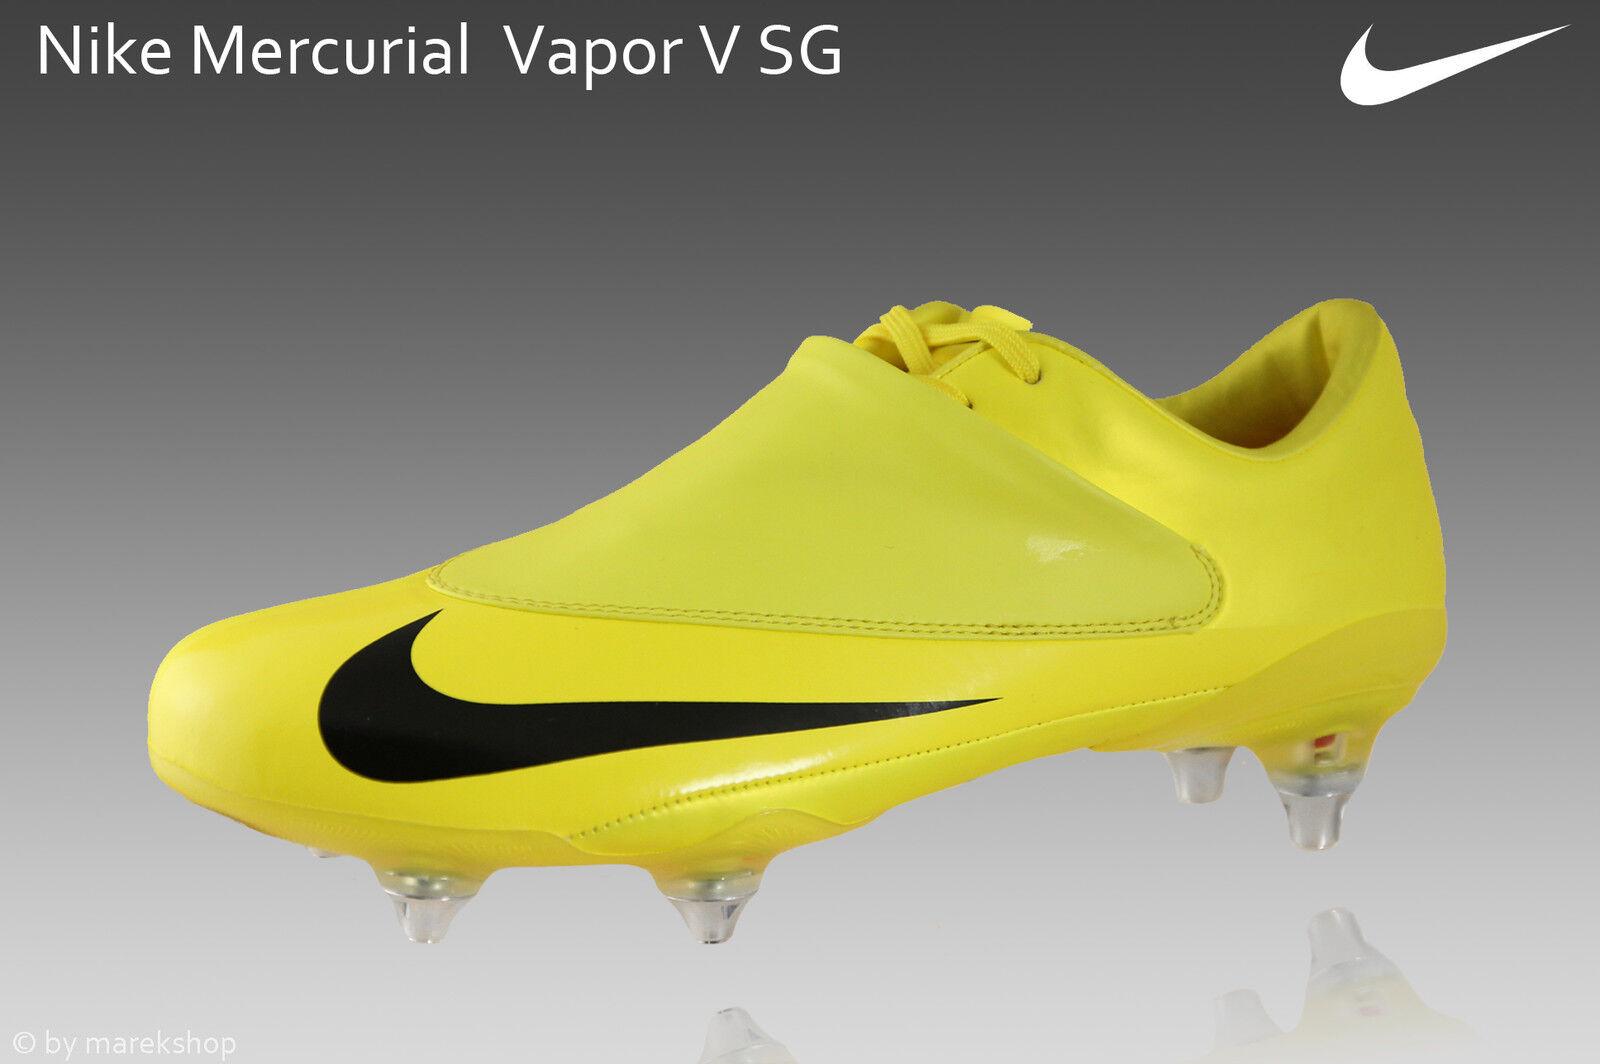 Nike Mercurial Vapor V SG 100% auténtico totalmente nuevo + caja + bolsa